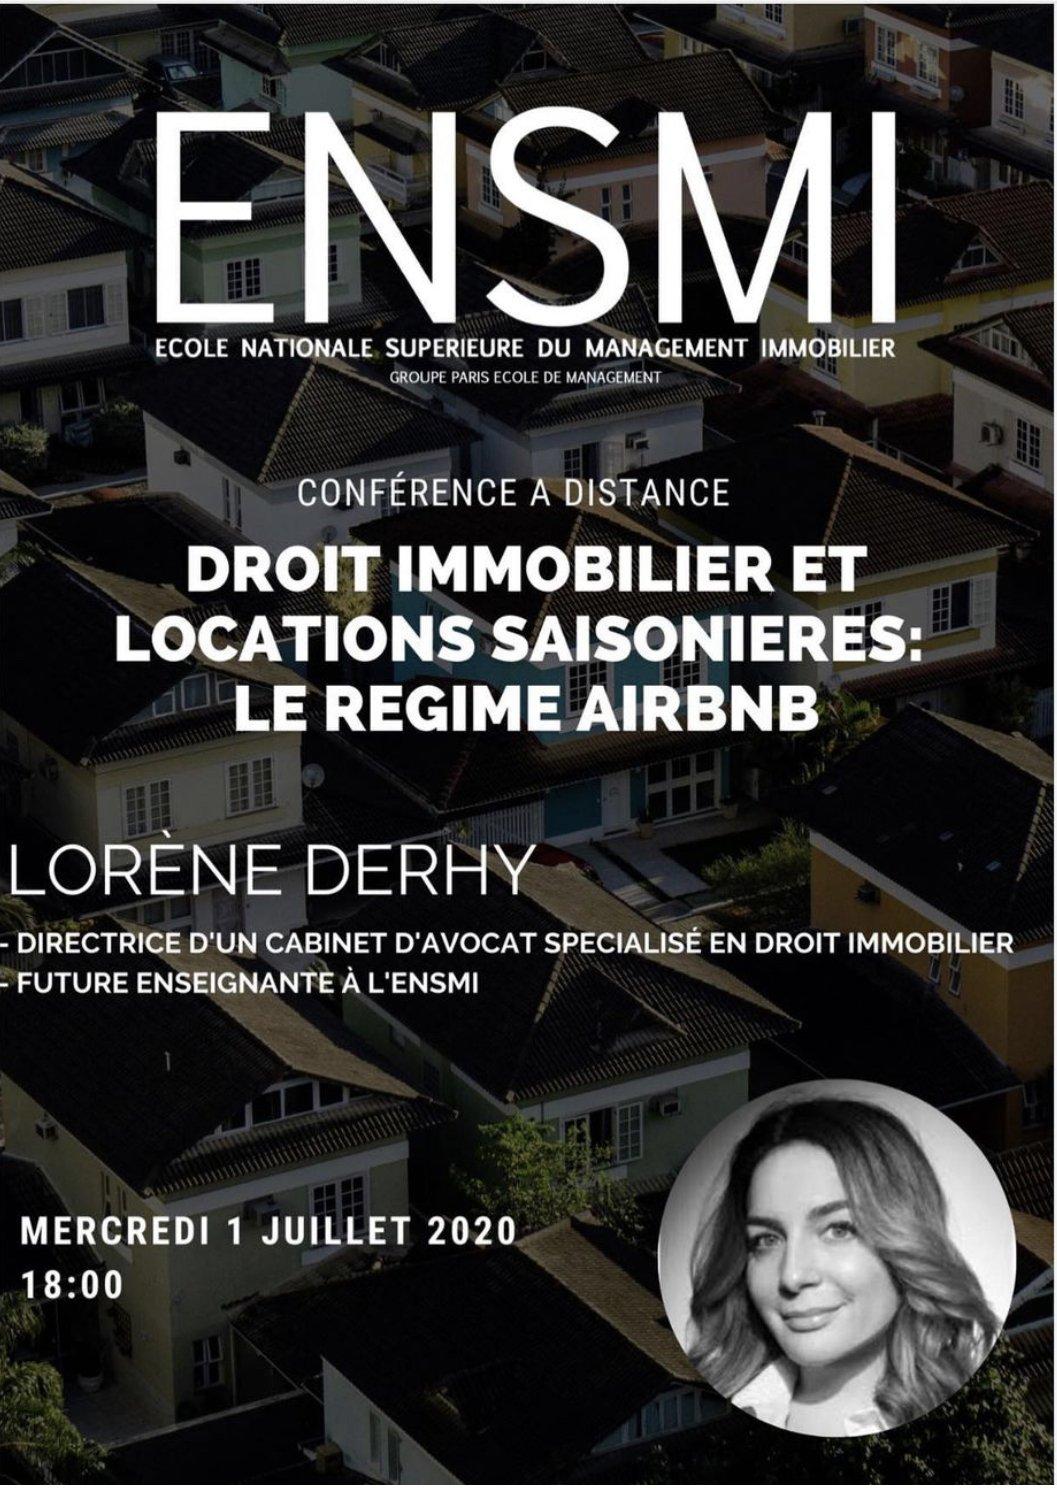 ENSMI lorene derhy